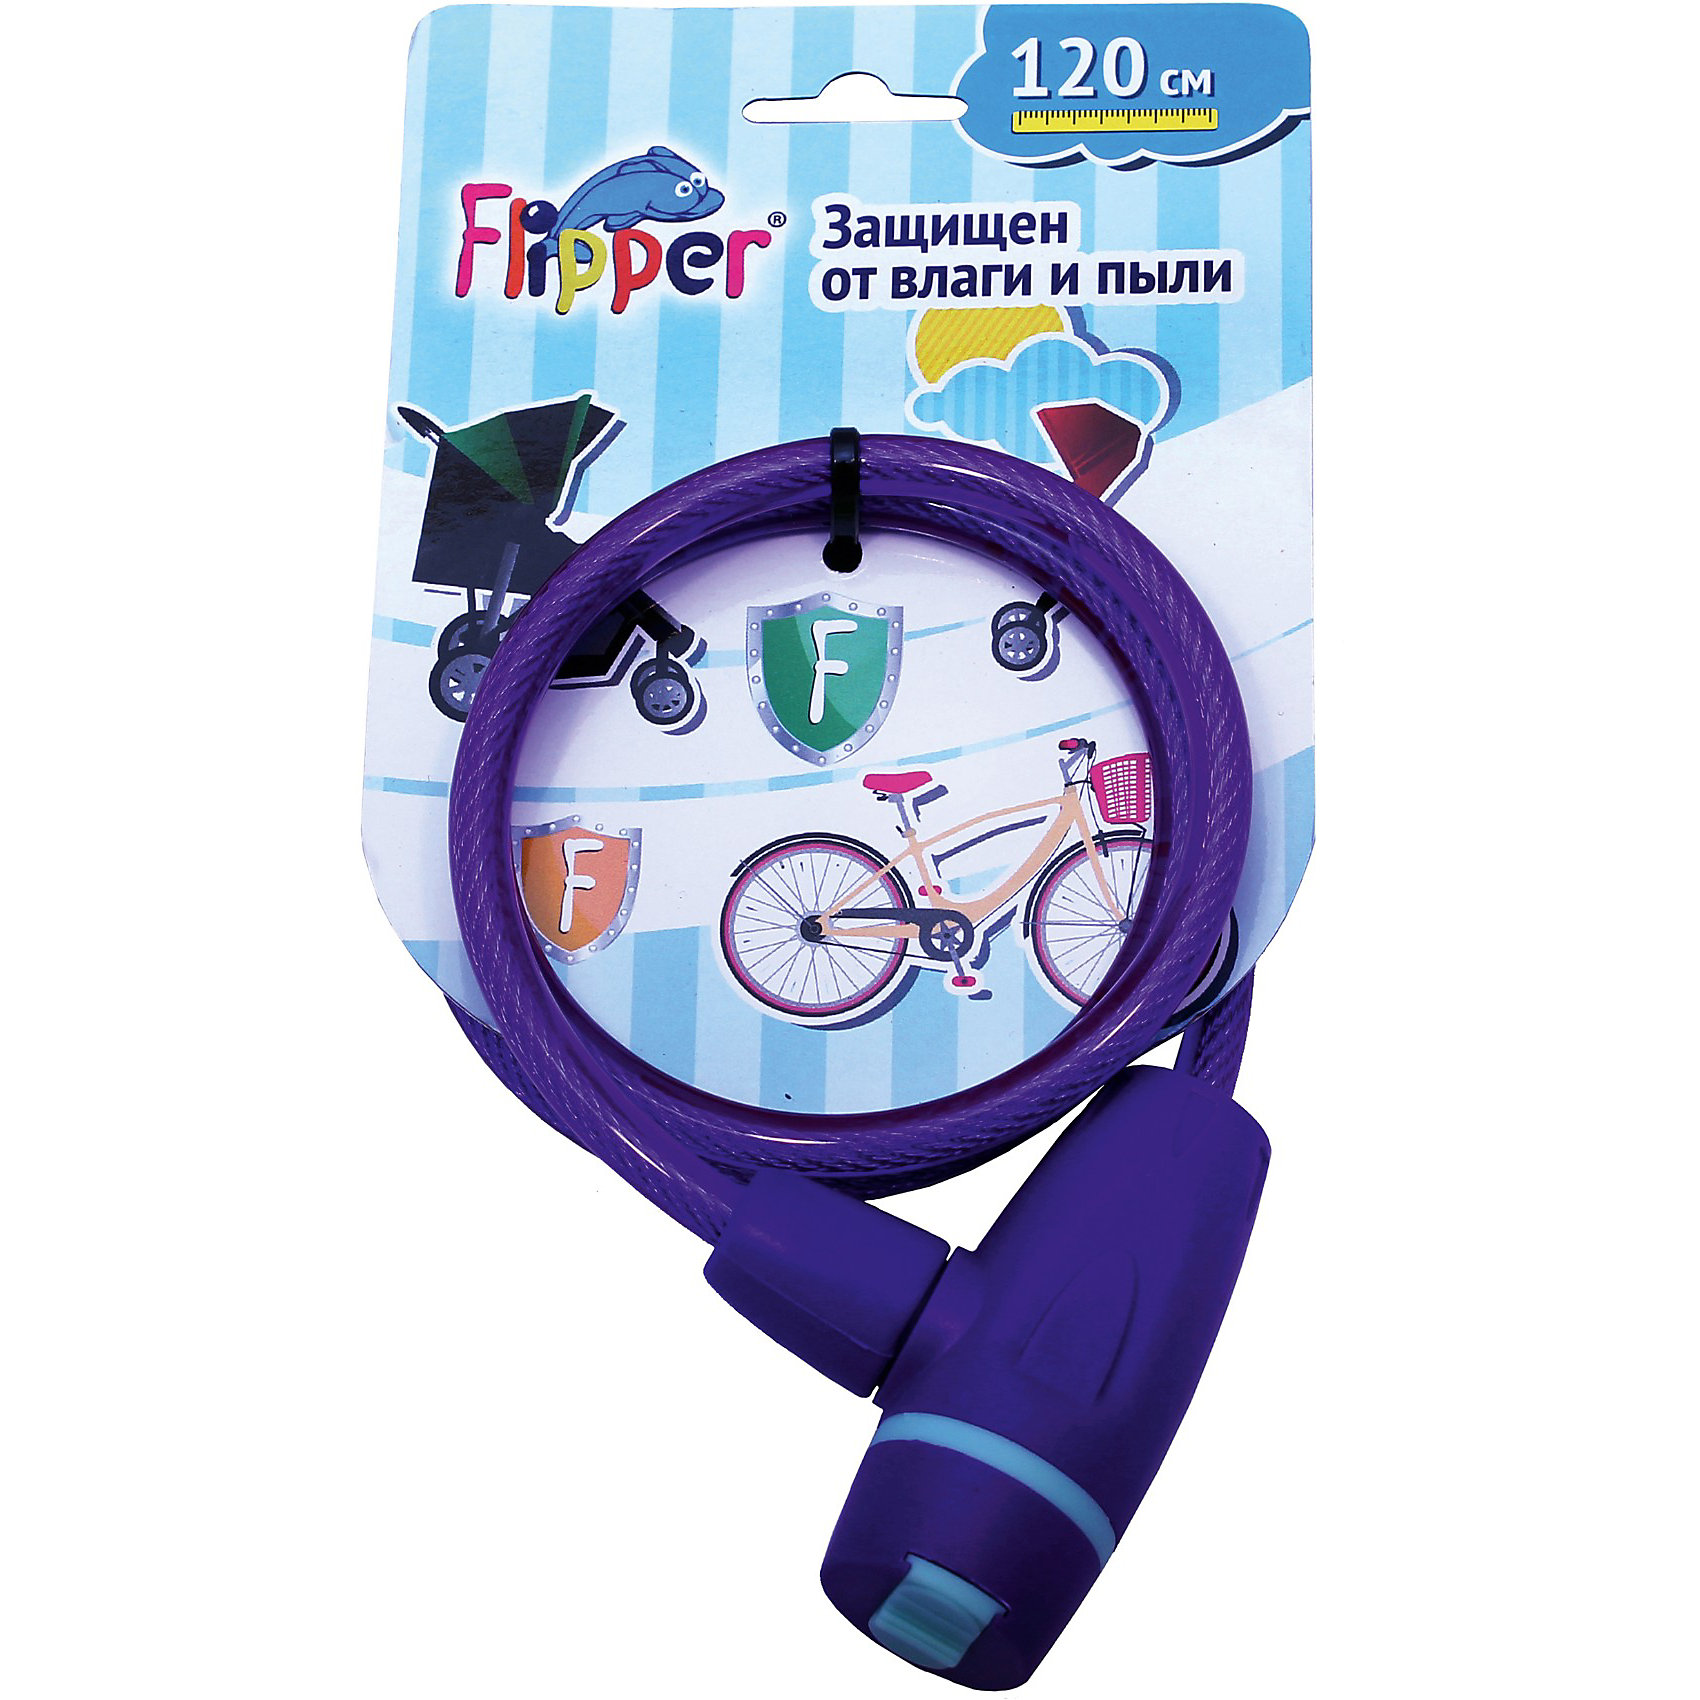 Замок для колясок  Flipper, в ассортиментеБлагодаря надежному замку для детских колясок и велосипедов «Flipper», родители могут не беспокоиться за оставленную на улице коляску: крепкий стальной трос обеспечит ей максимальную защиту от возможного «угона». Велосипед Вашего ребенка также будет под надежной защитой.<br><br>Замочный механизм у данного изделия имеет специальный колпачок, который предохраняет его от пыли, влаги и иных внешних воздействий, а потому срок службы данного замка гораздо дольше, чем у похожих изделий.<br><br>Стальной трос покрыт специальной оболочкой из поливинилхлорида (прозрачная пластмасса), благодаря чему прочность и долговечность замка многократно увеличивается.<br><br>Дополнительная информация: <br><br>- материал троса: сталь, цинк<br>- толщина стального троса: 6 мм<br>- длина троса: 120 см<br>- вес замка: 400 г<br>- размеры упаковки: 12 х 3 х 25 см<br>- в комплекте: трос с замком, два ключа<br><br>ВНИМАНИЕ! Данный артикул представлен в разных цветовых исполнениях. К сожалению, заранее выбрать определенный цвет невозможно. При заказе нескольких замков возможно получение одинаковых.<br><br>Замок для колясок  Flipper, в ассортименте можно купить в нашем магазине.<br><br>Ширина мм: 120<br>Глубина мм: 30<br>Высота мм: 250<br>Вес г: 400<br>Возраст от месяцев: 0<br>Возраст до месяцев: 60<br>Пол: Унисекс<br>Возраст: Детский<br>SKU: 3759702